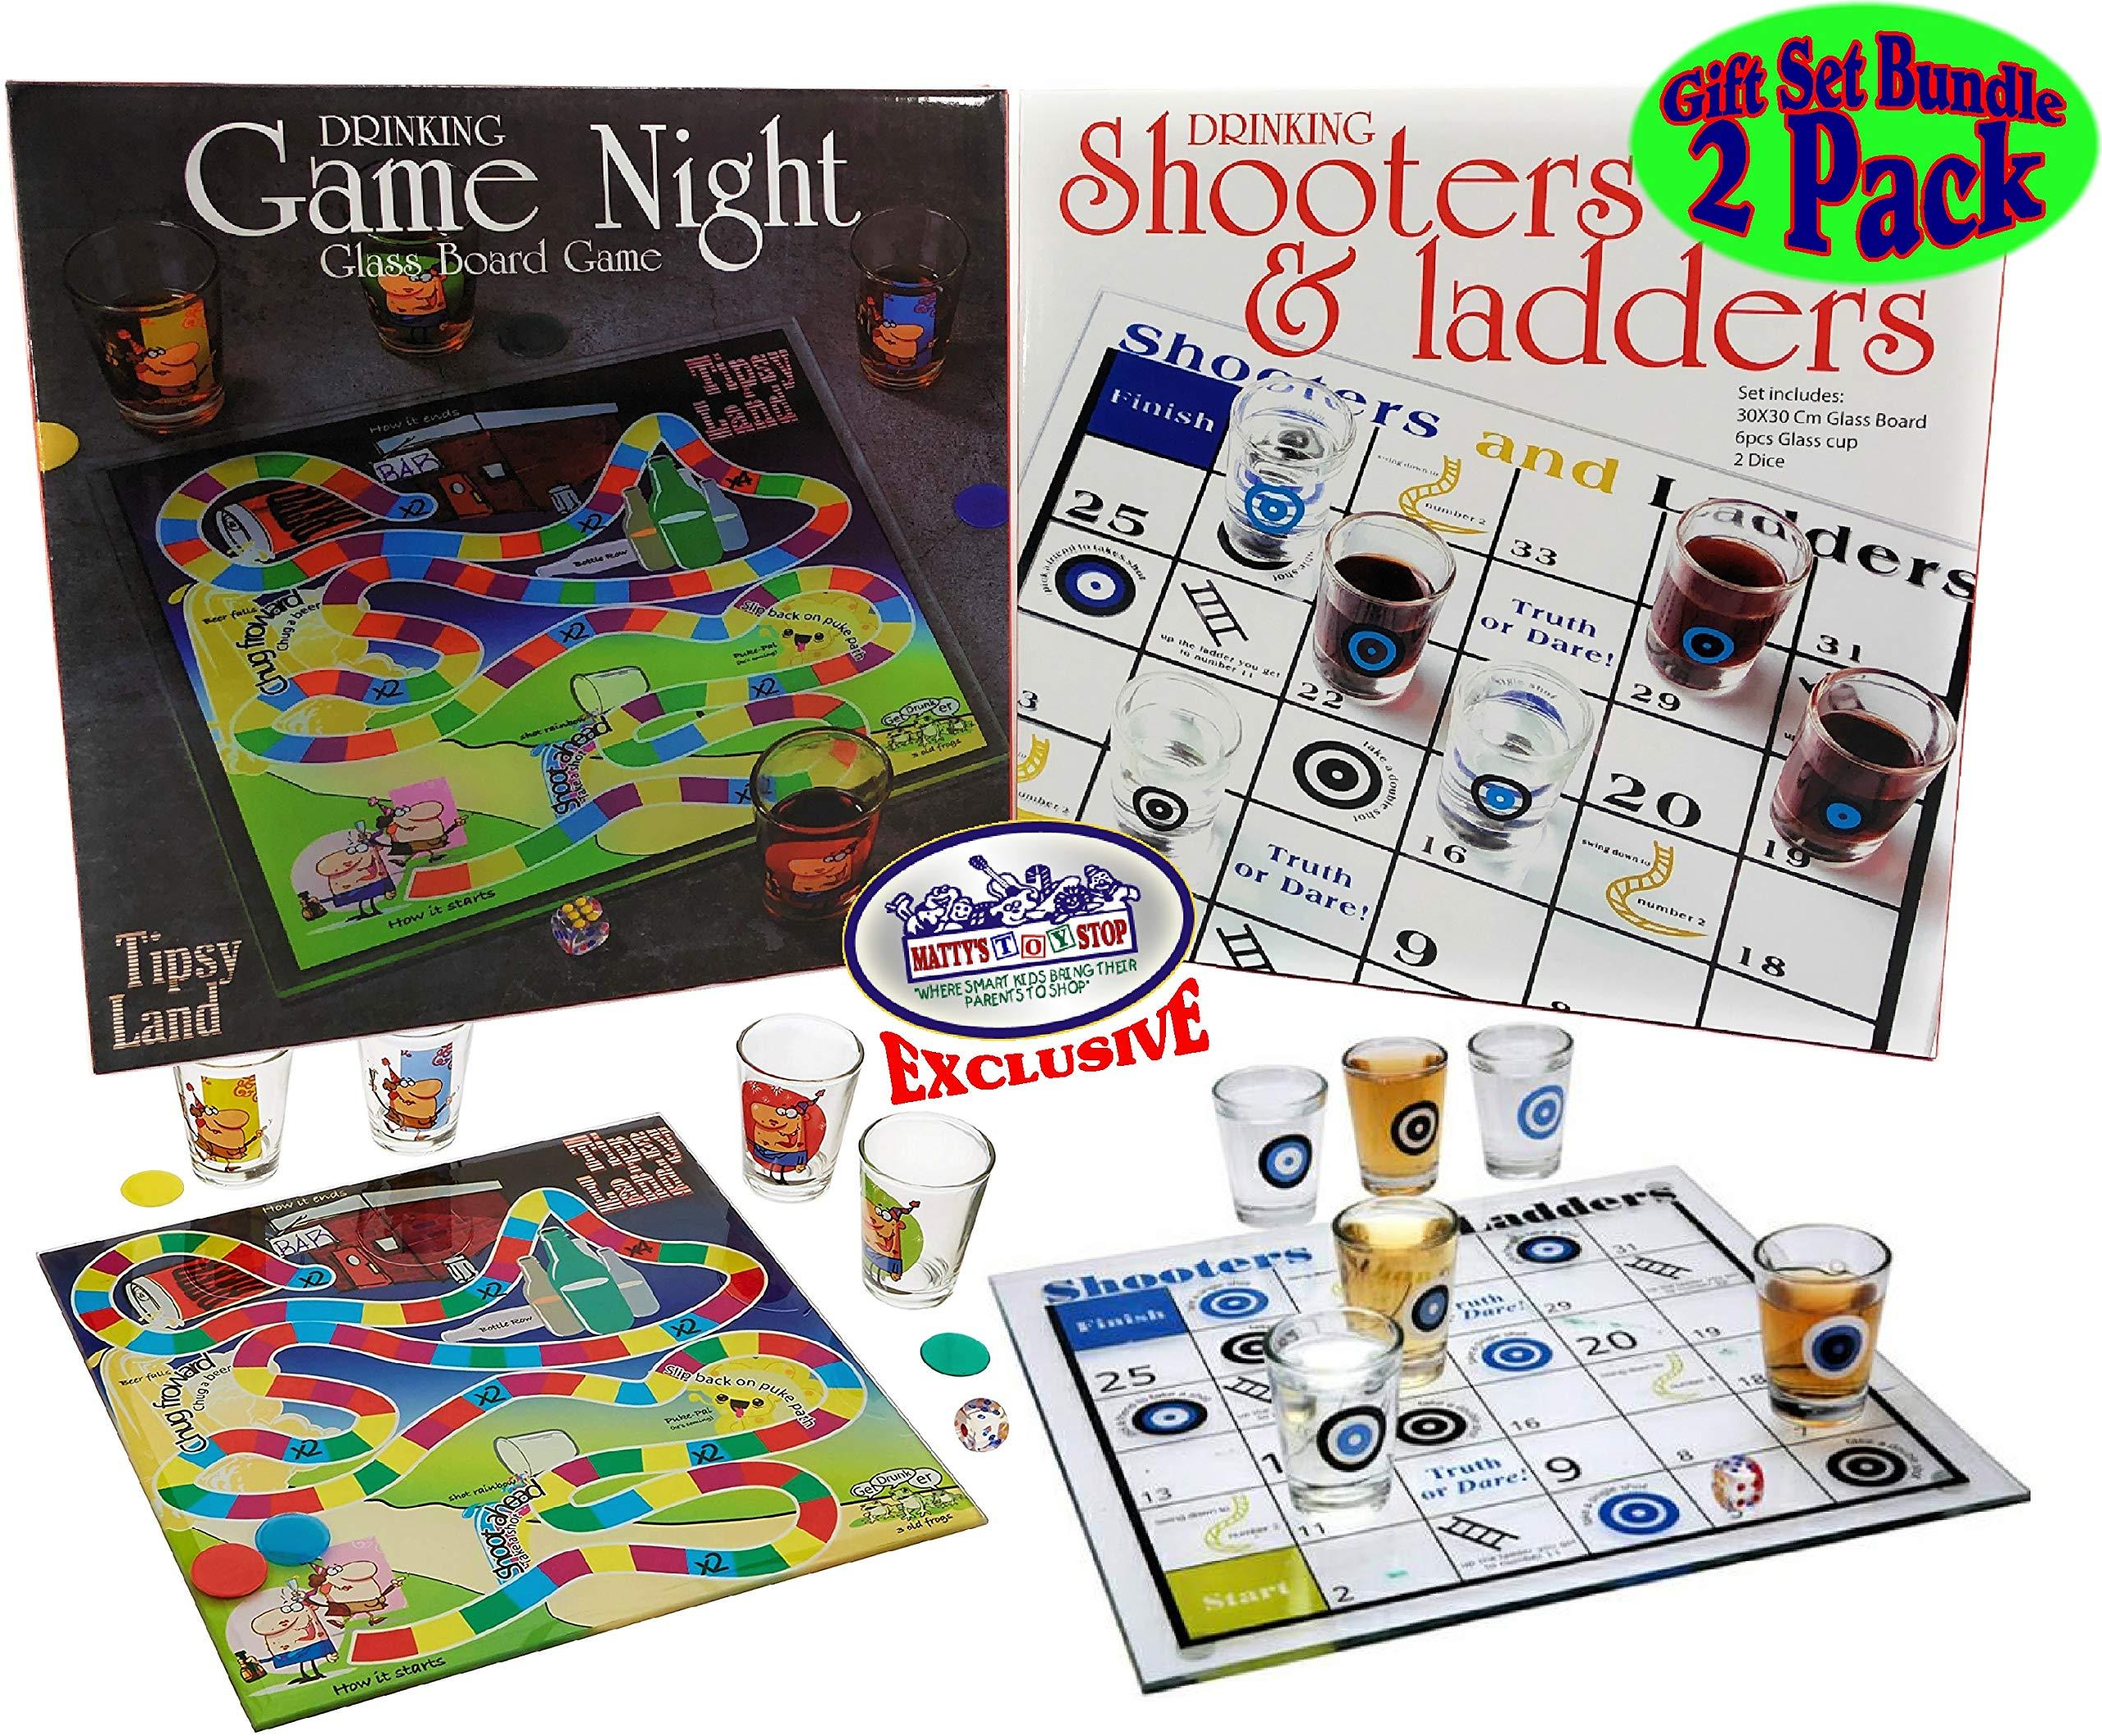 Mattys Toy Stop Deluxe juegos de bebida Tipsy Land y Shooters & escaleras Set de regalo – 2 Pack (incluye tablas de vidrio, vasos de chupito y dados): Amazon.es: Juguetes y juegos